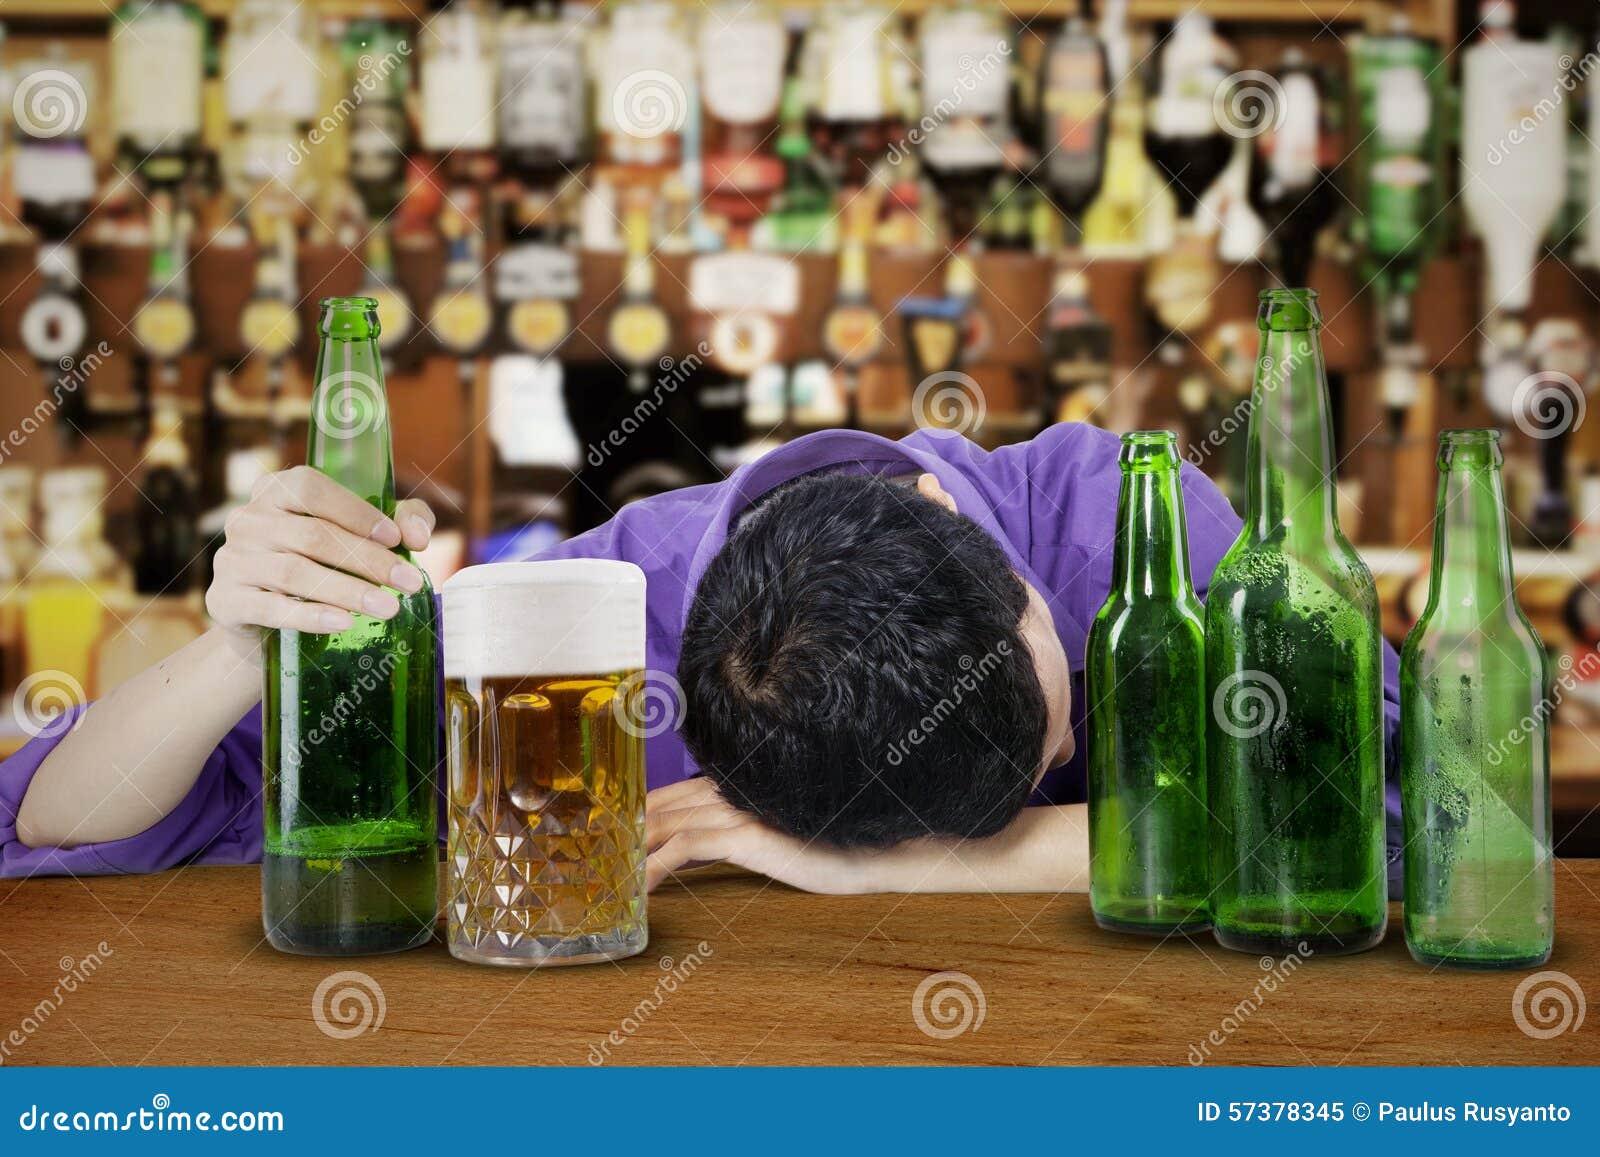 Dronken en Onbewuste Mens